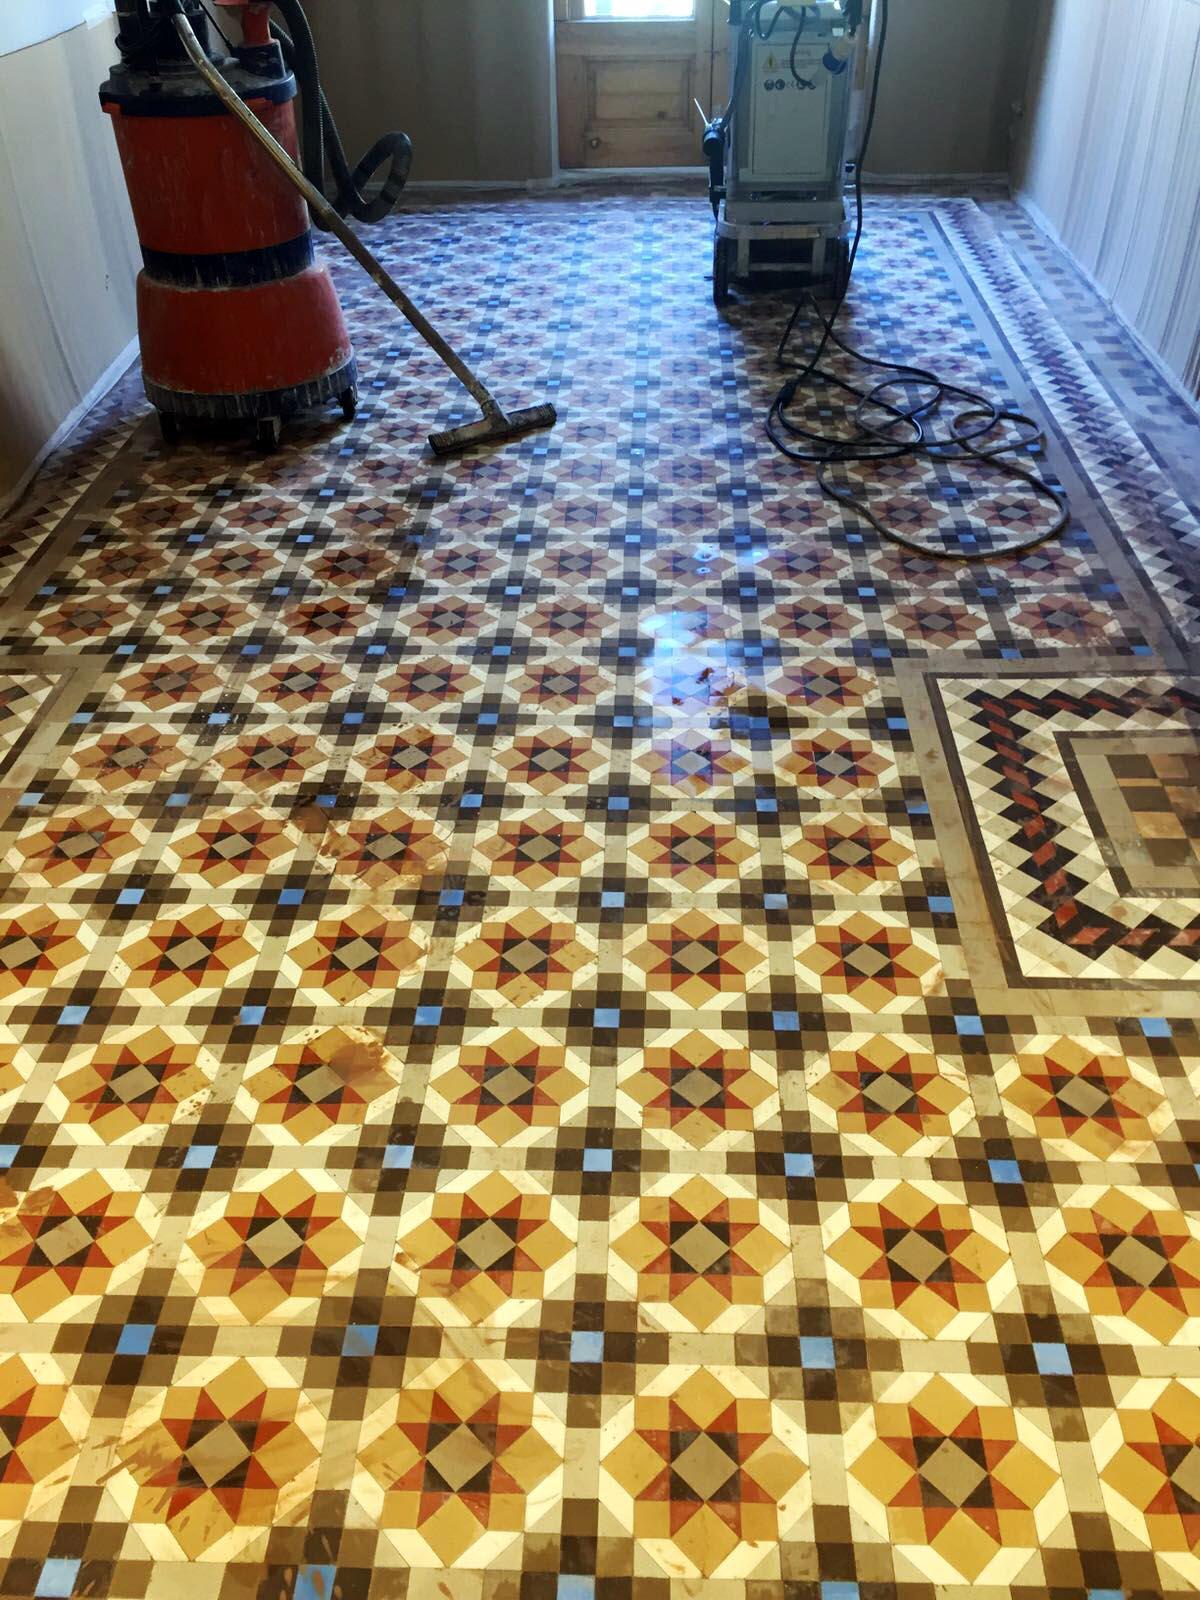 MosaicosBarcelona-Recuperacion-suelo-nolla-en-vivienda-calle-Trafalgar-Barcelona-14